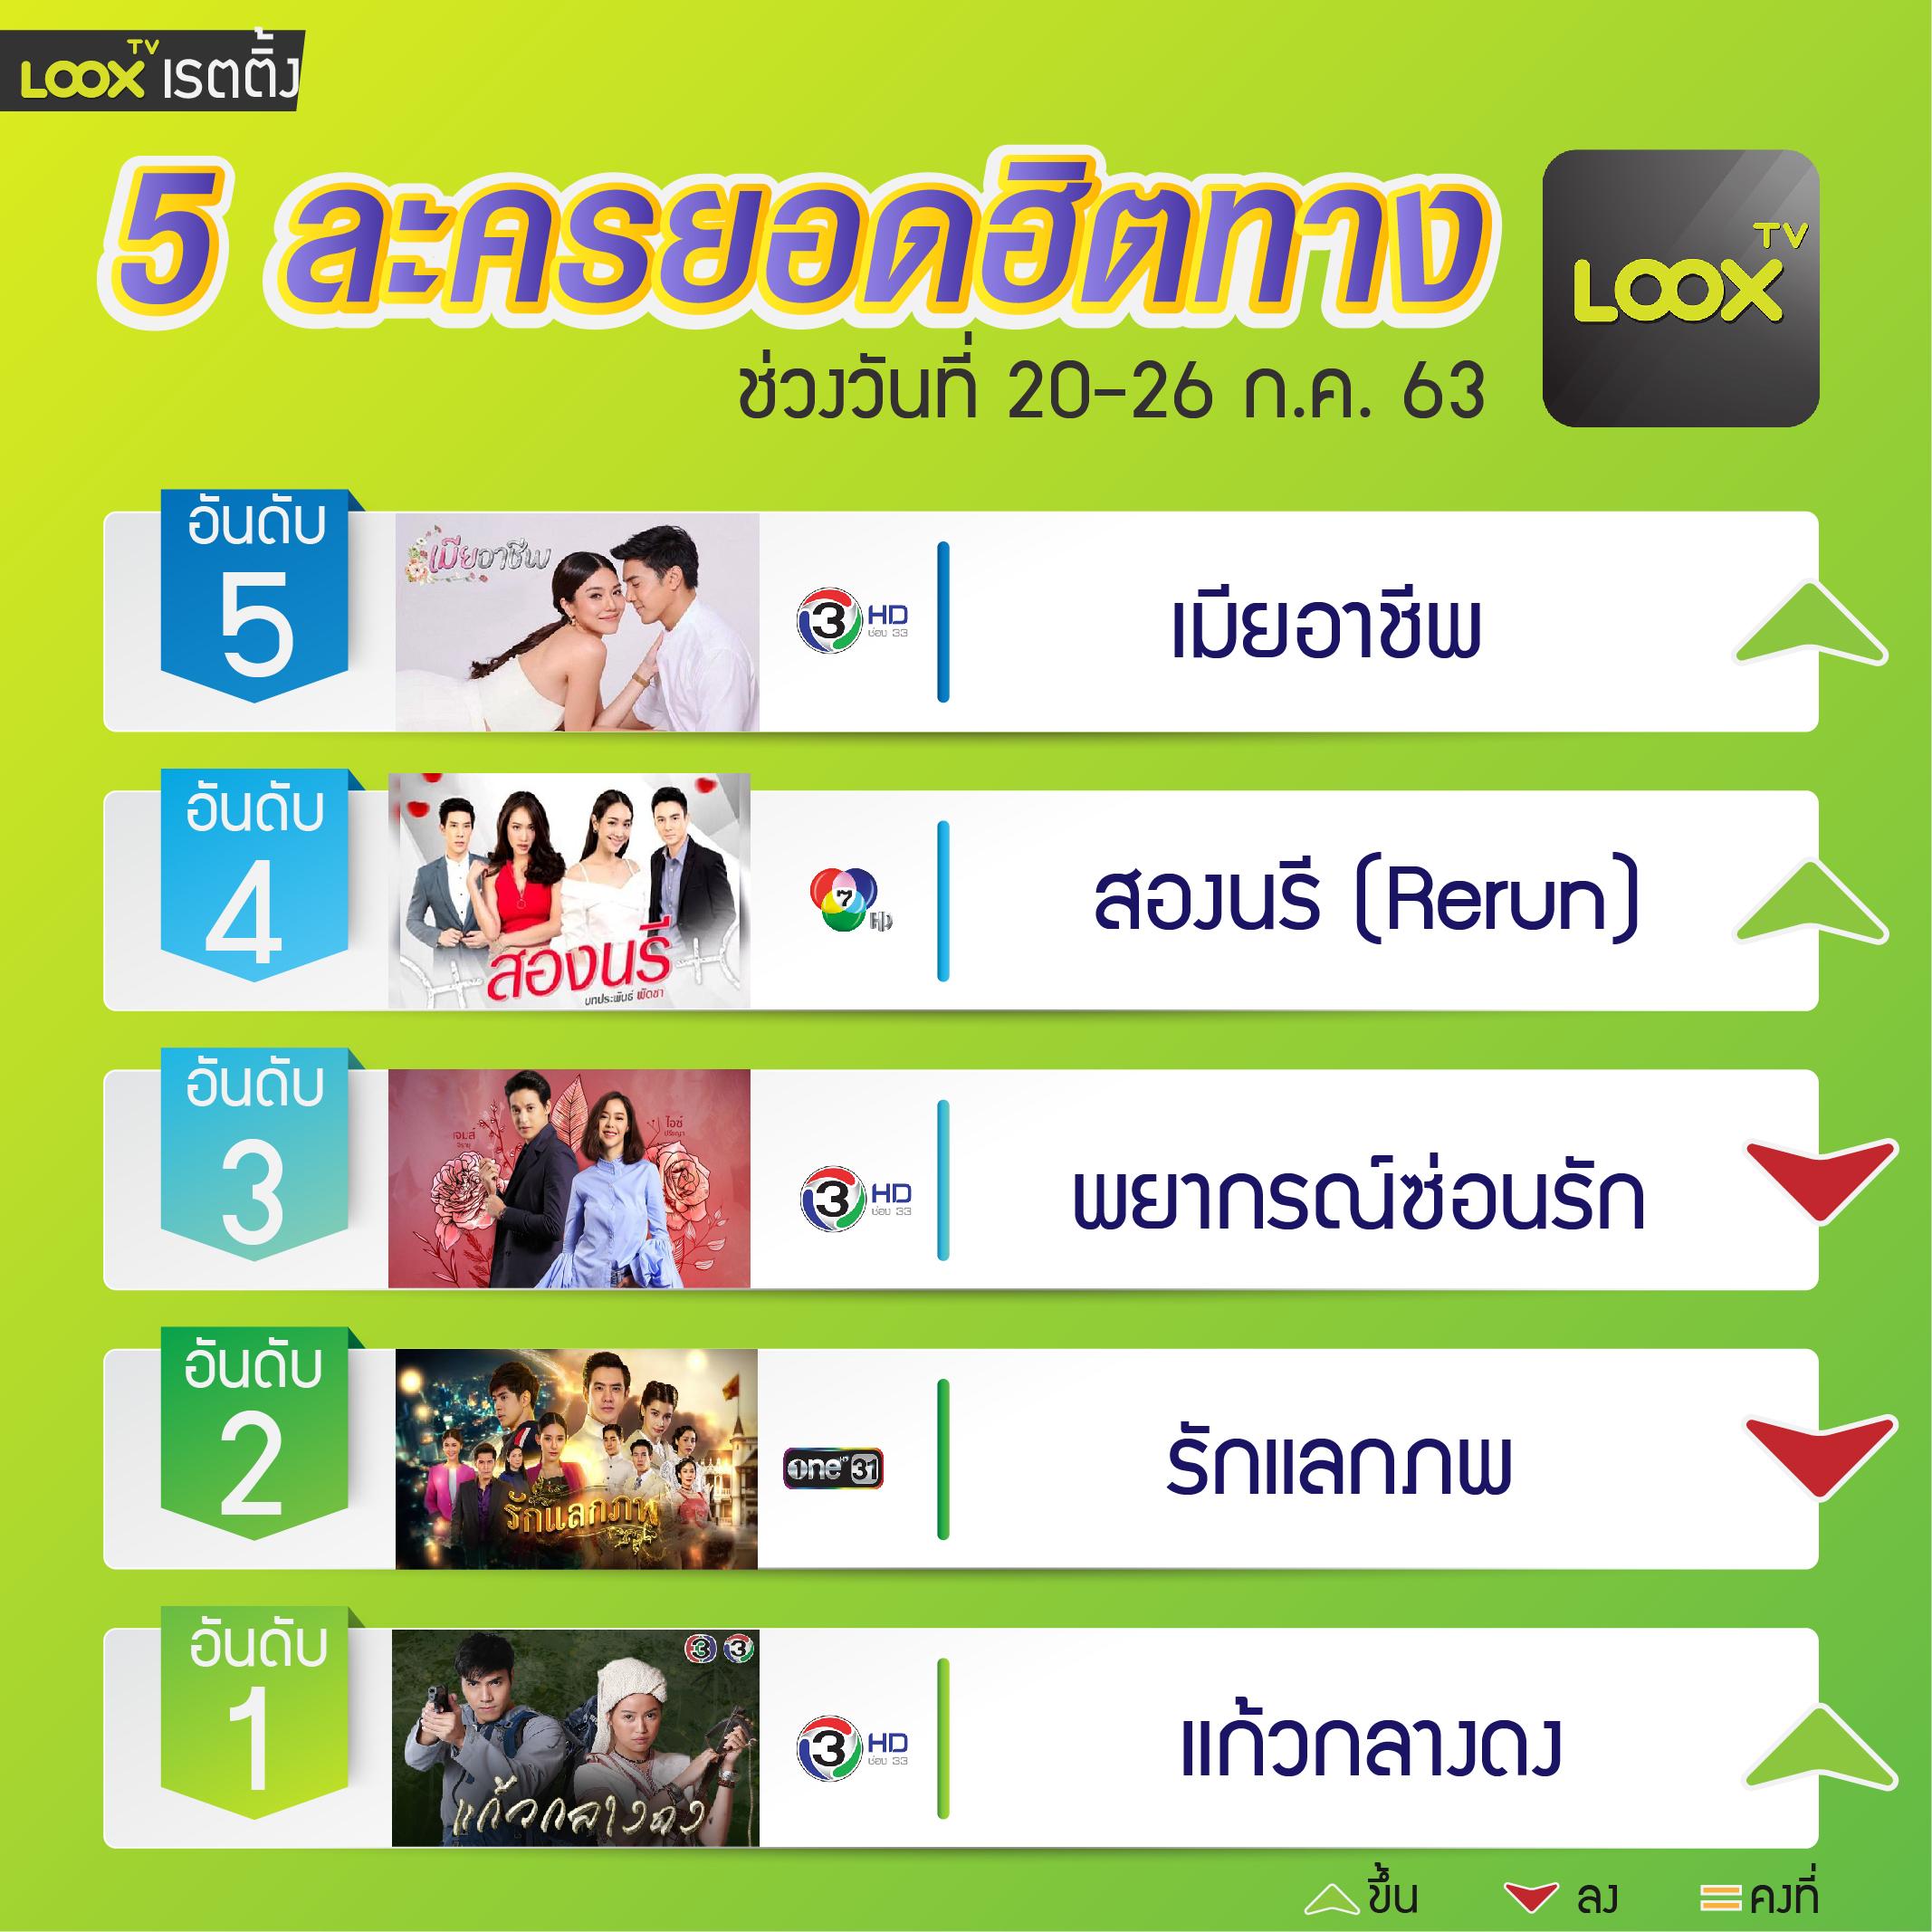 5 อันดับฮอตฮิตบน  LOOX TV  วันที่20-26 ก.ค. 63